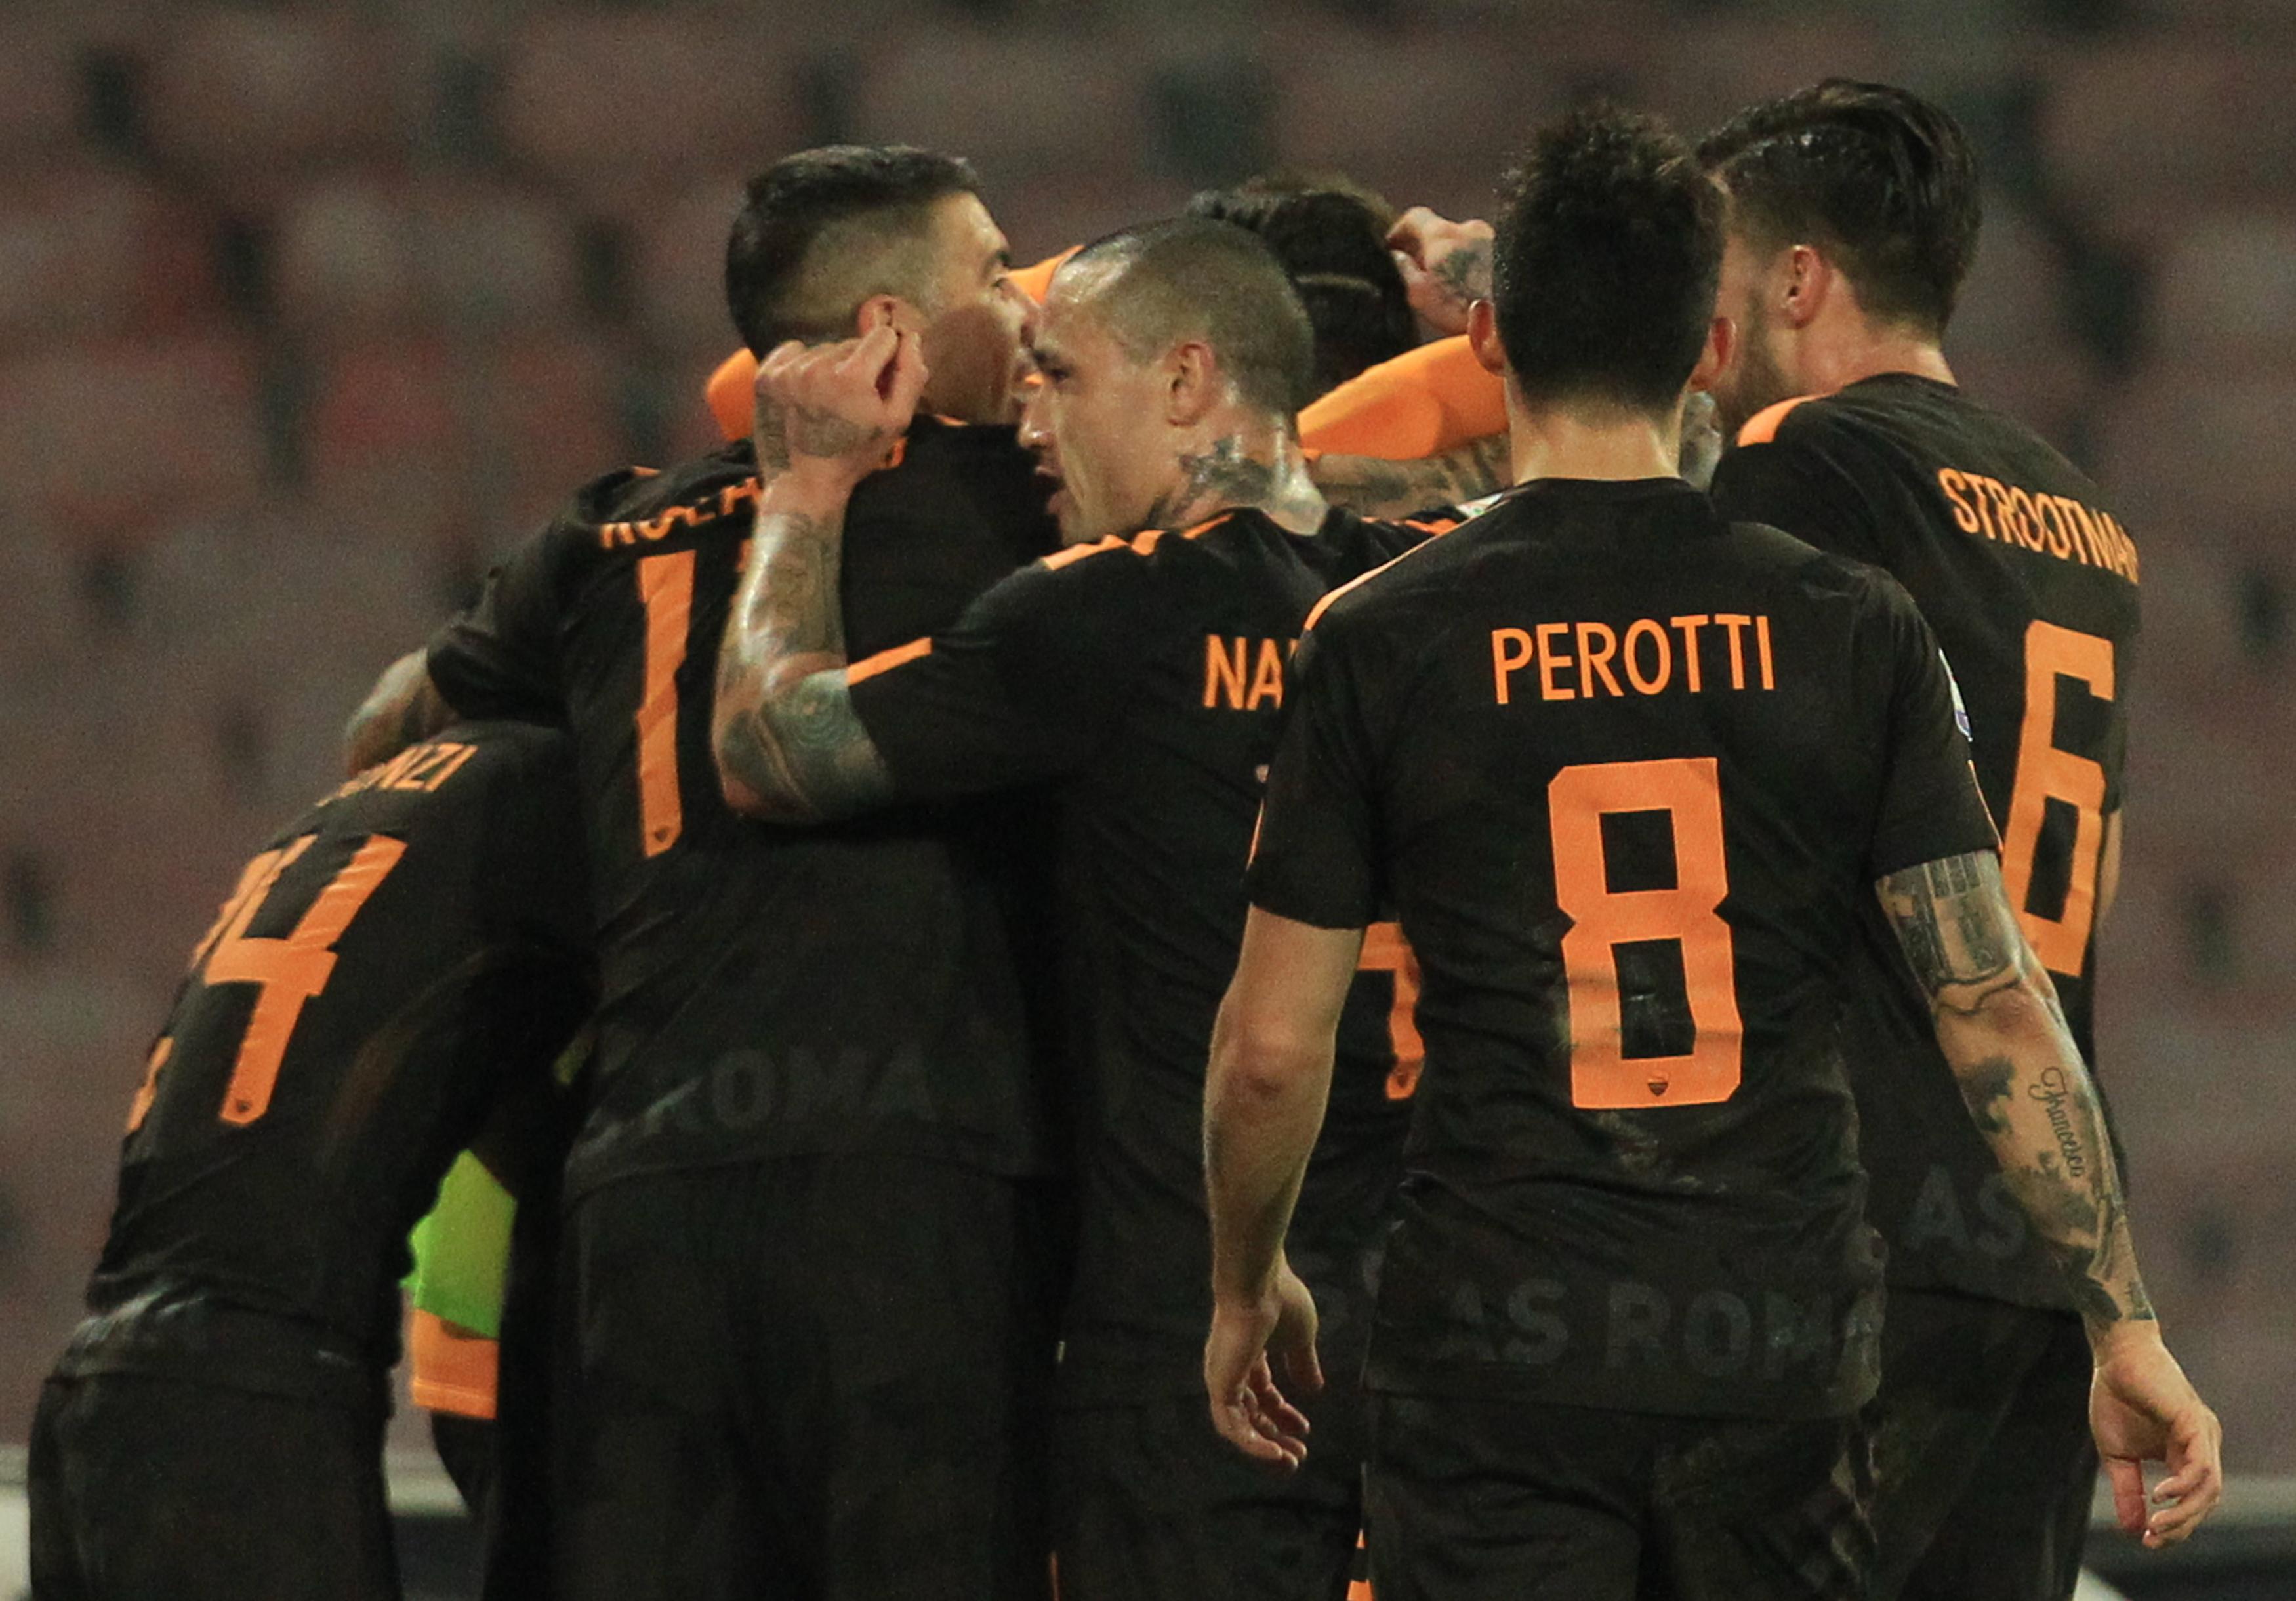 Nápoles perdió 2-4 contra Roma en casa y puso en peligro su liderato en Italia